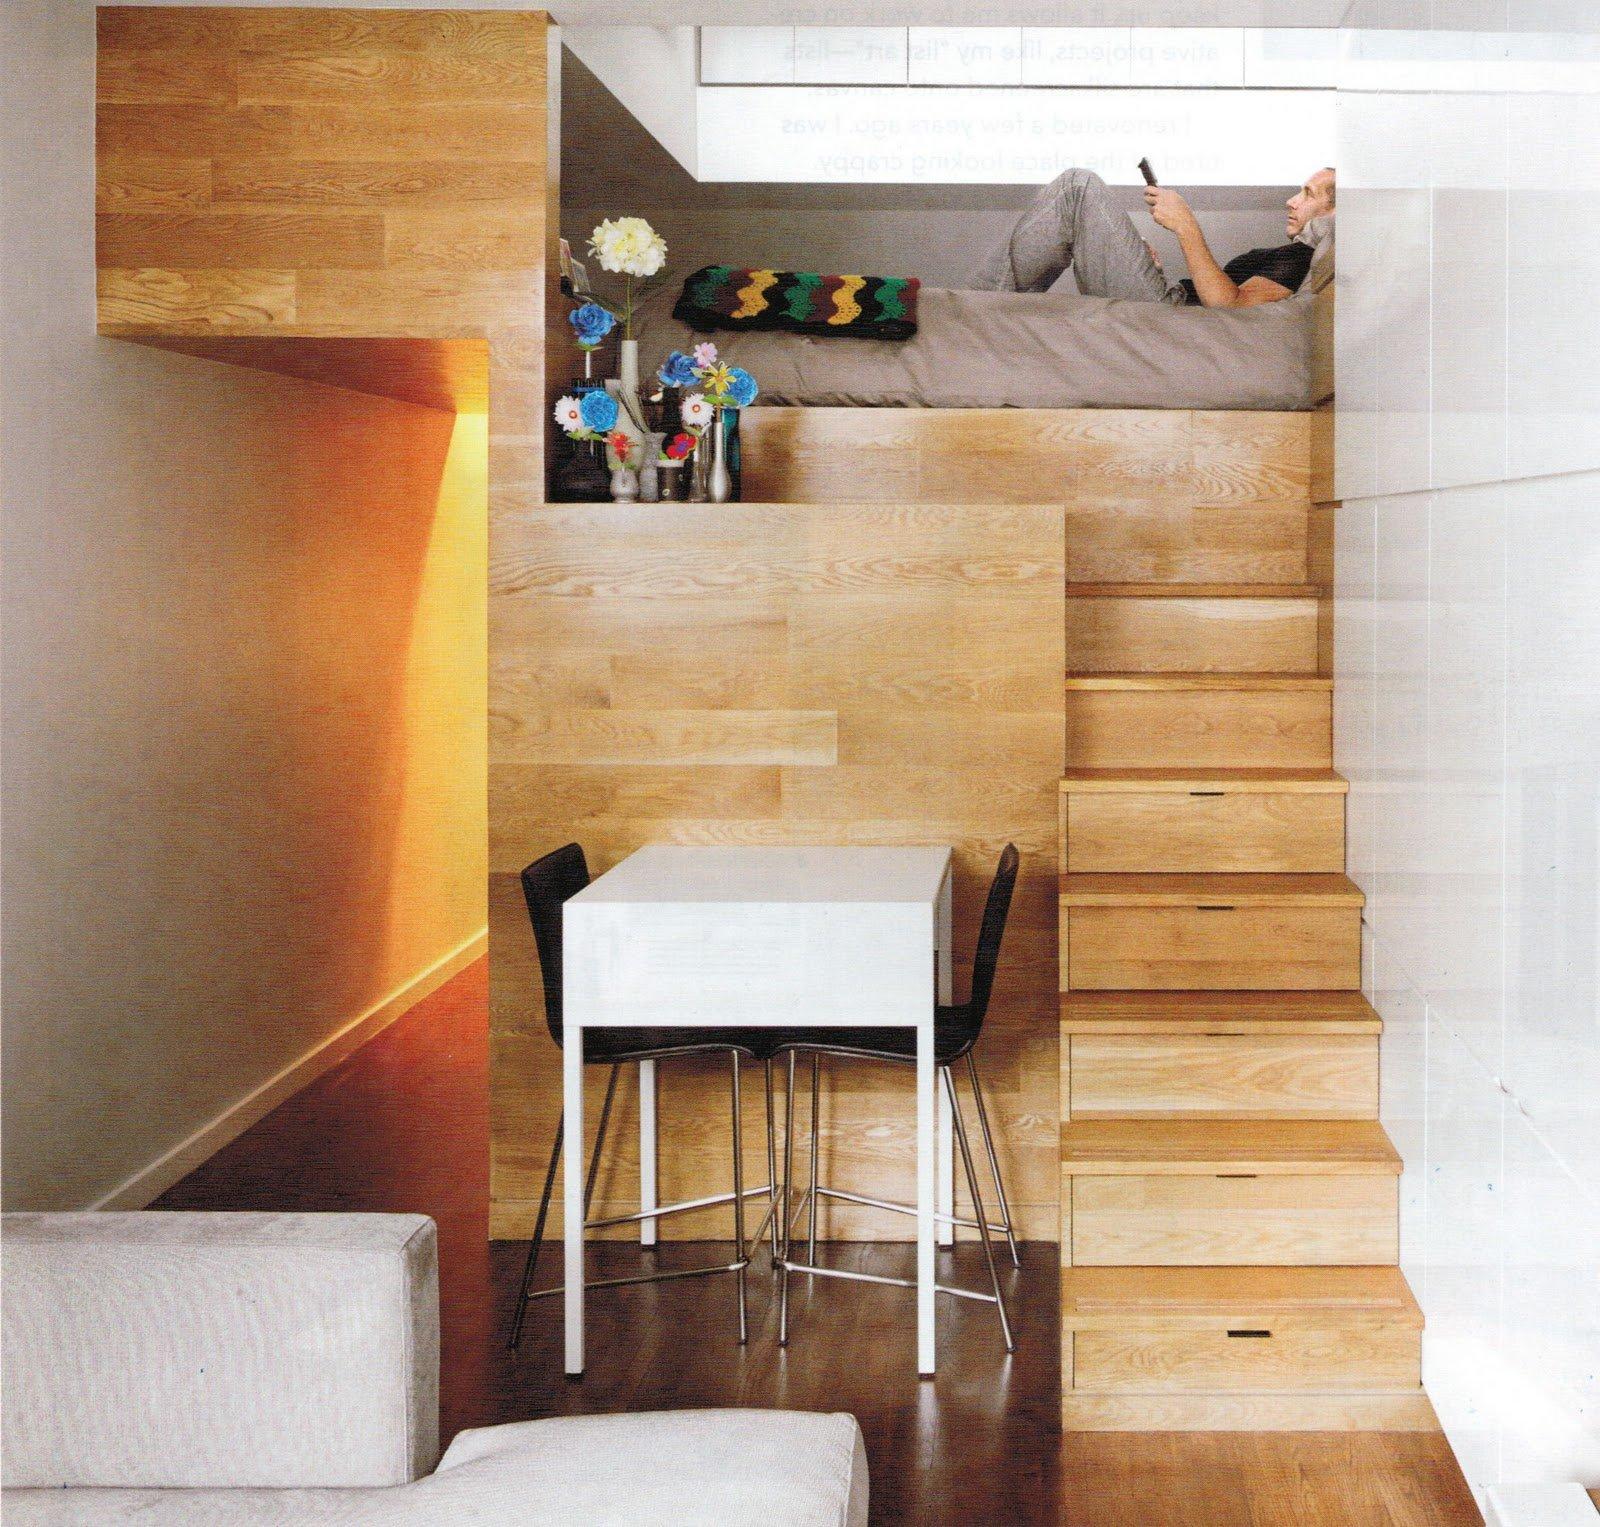 20 incre bles ideas para ahorrar espacio en una habitaci n for Diseno de libreros para espacios pequenos